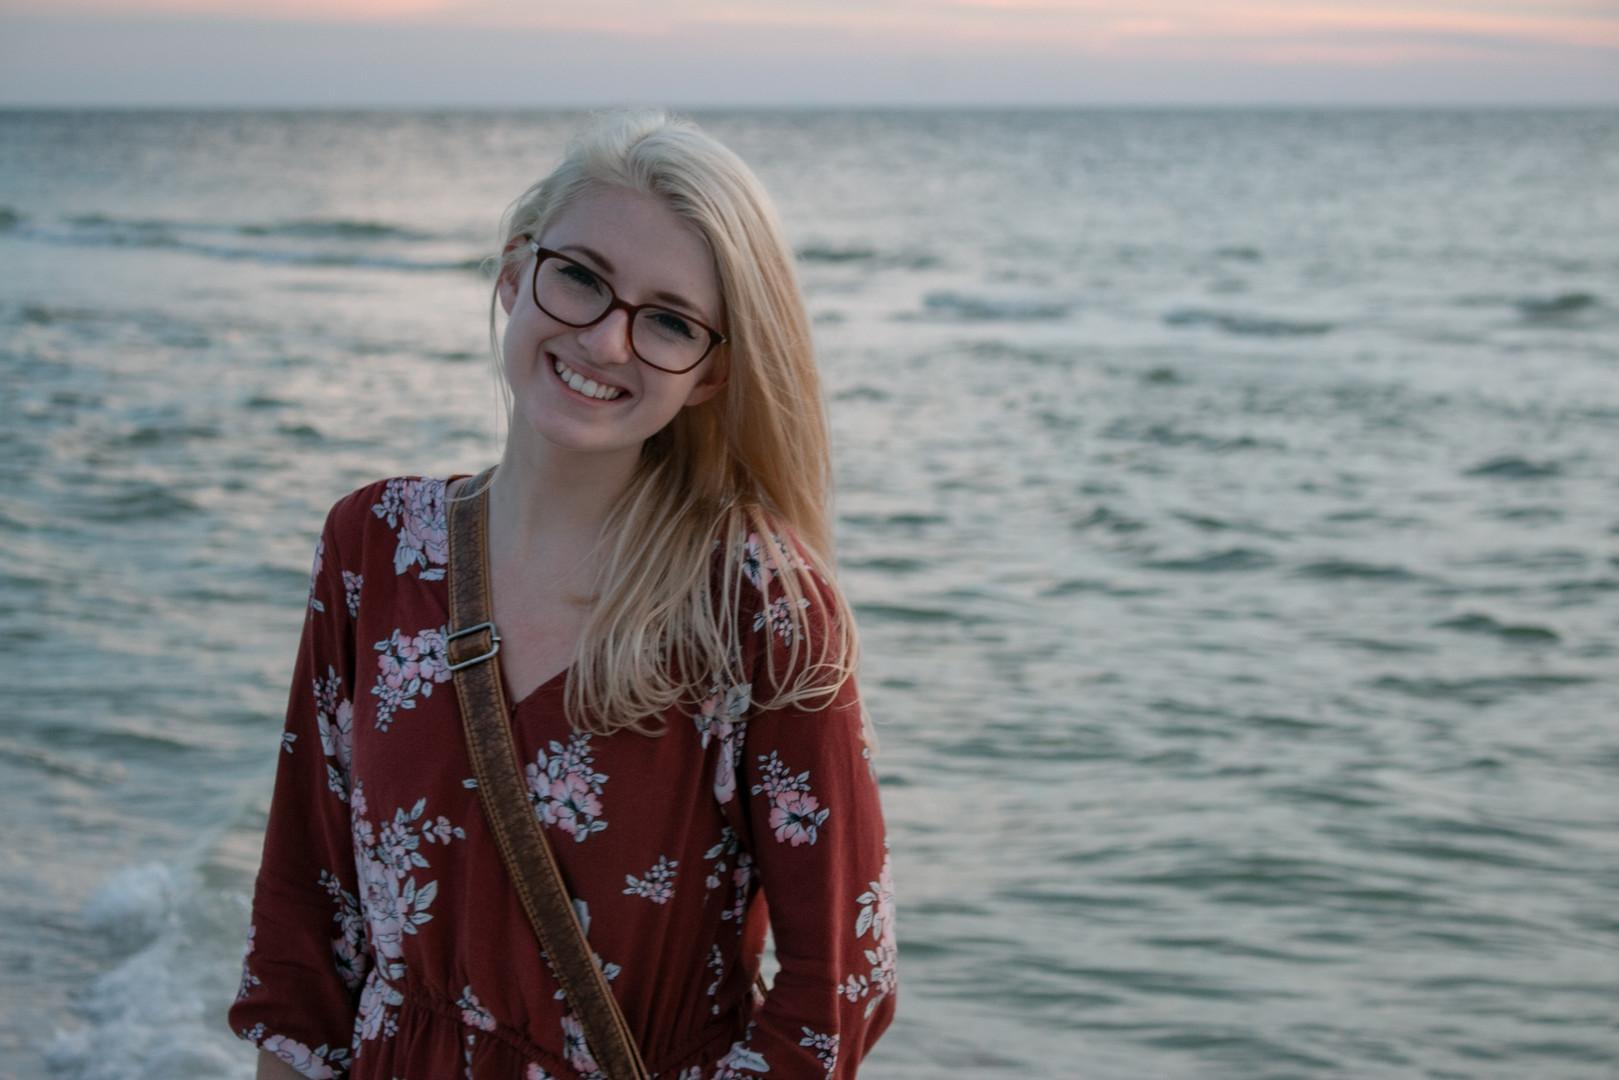 A beach in Clearwater, FL